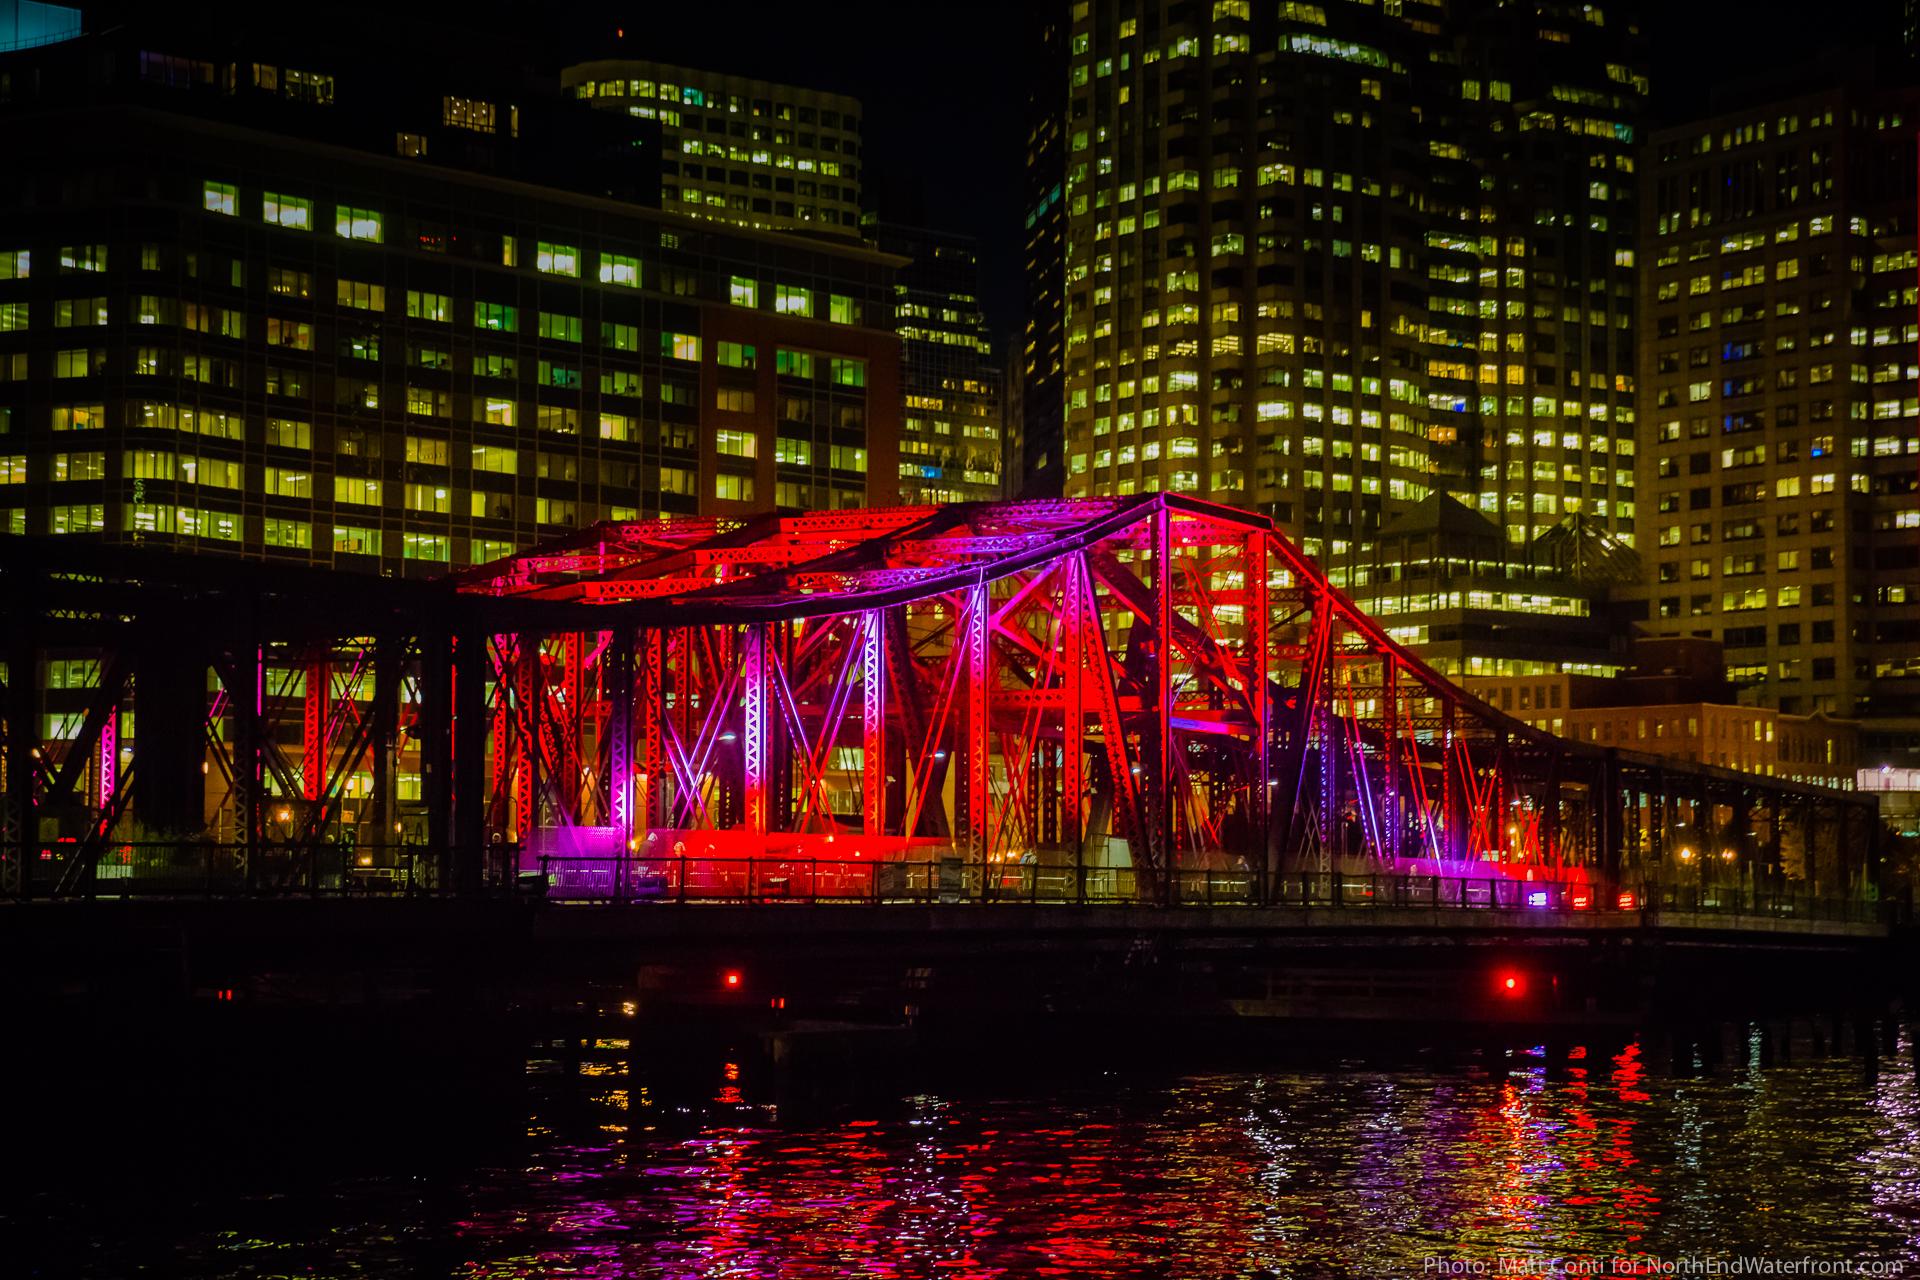 2013-10-Old-Northern-Avenue-Bridge-Illumination-84